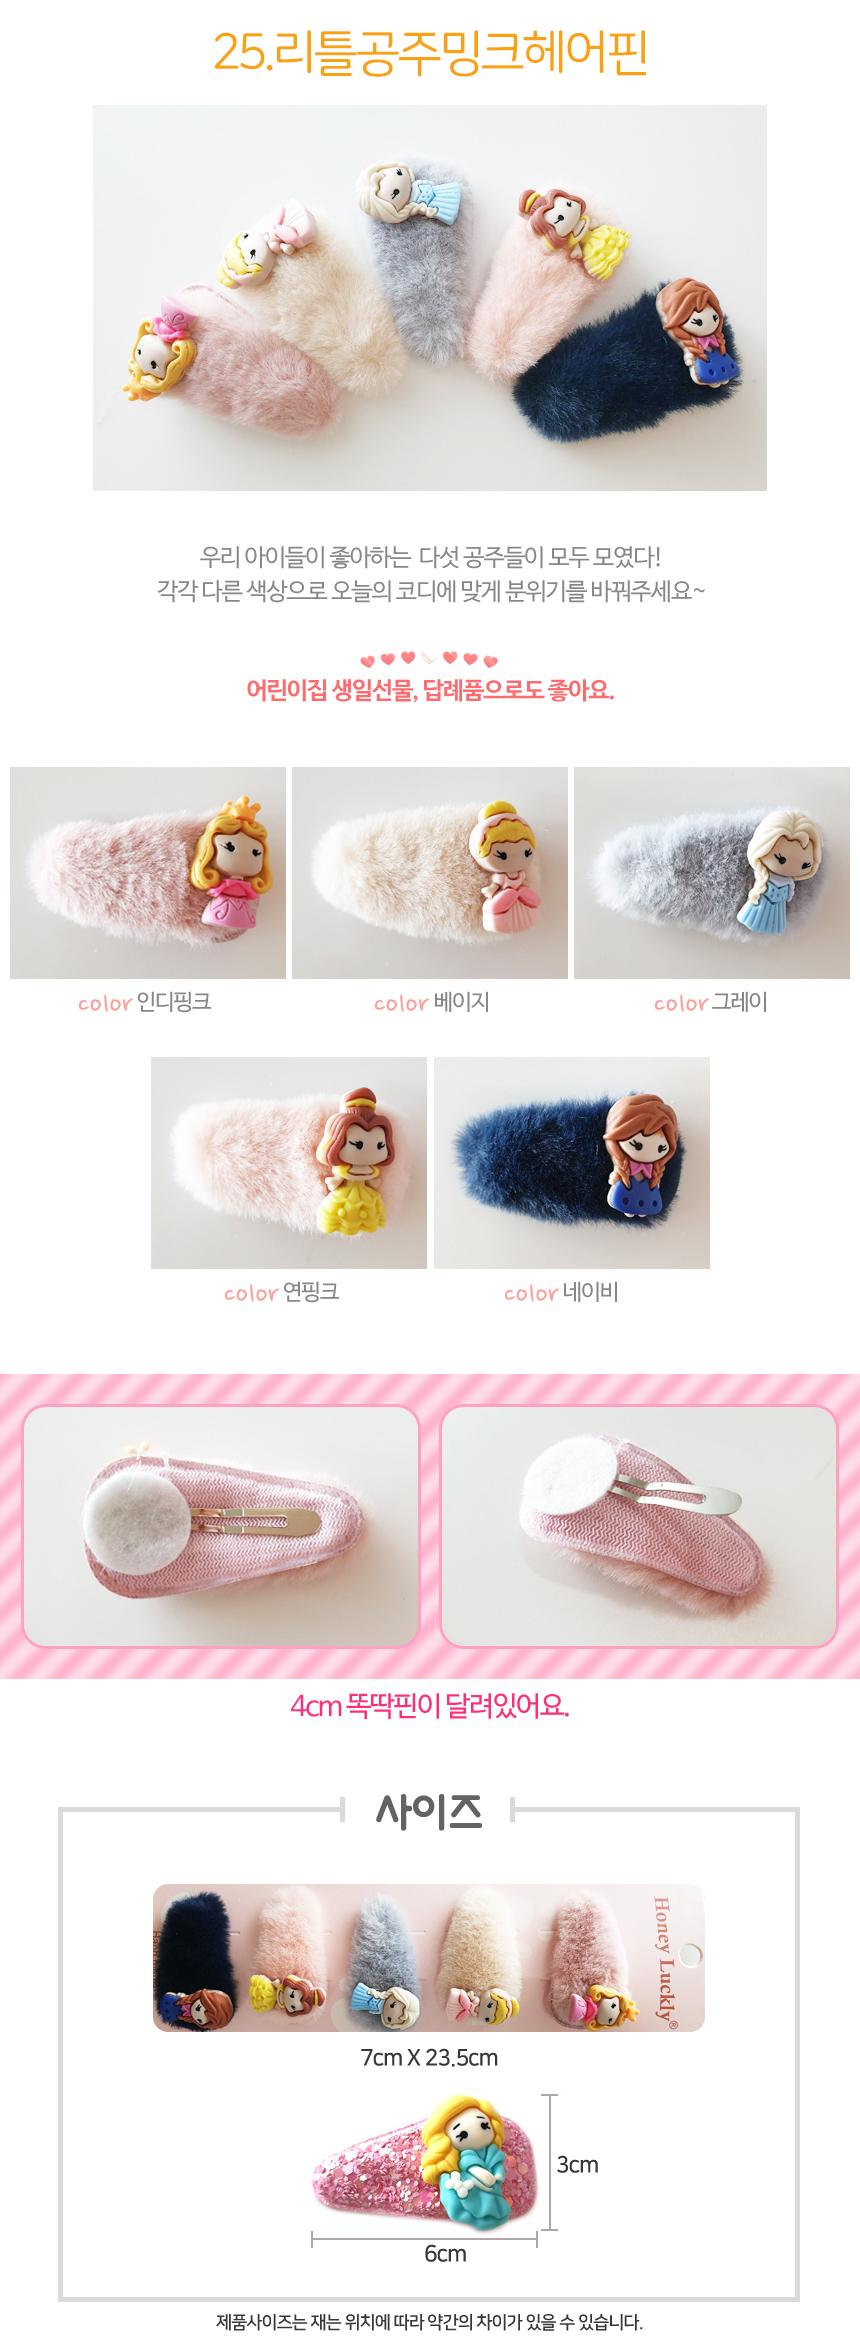 accessories_25.jpg